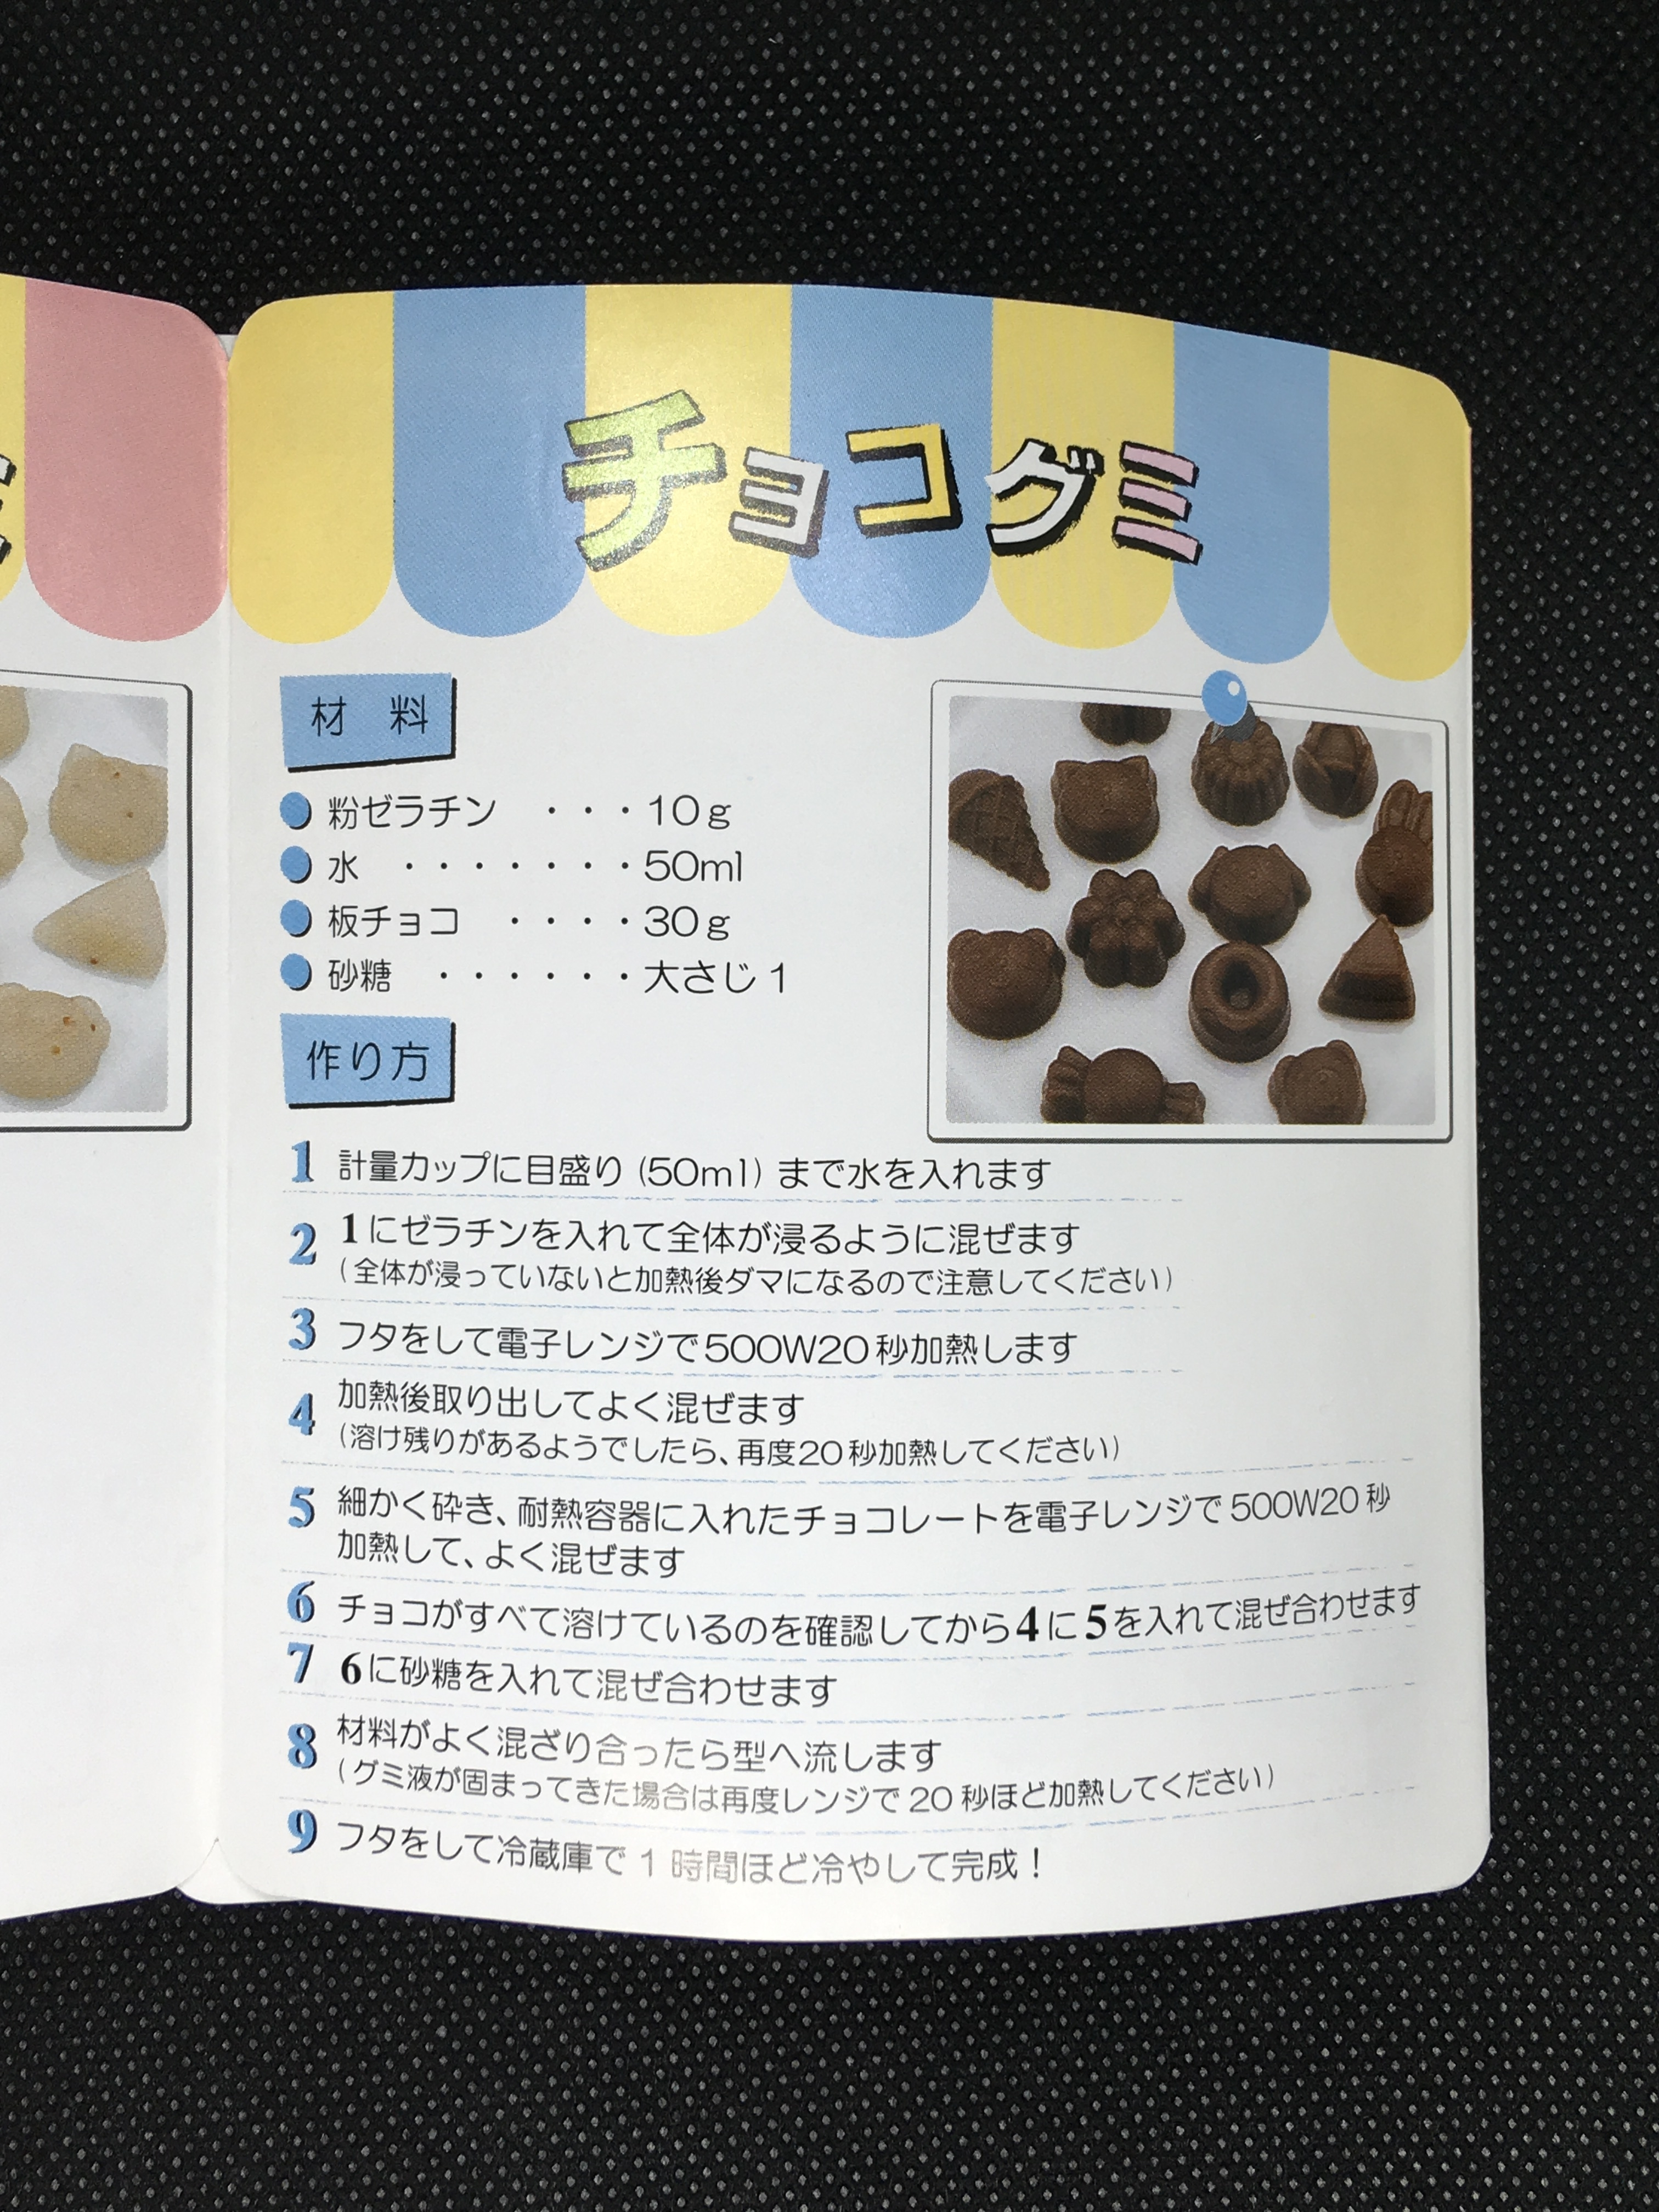 チョコグミのレシピ